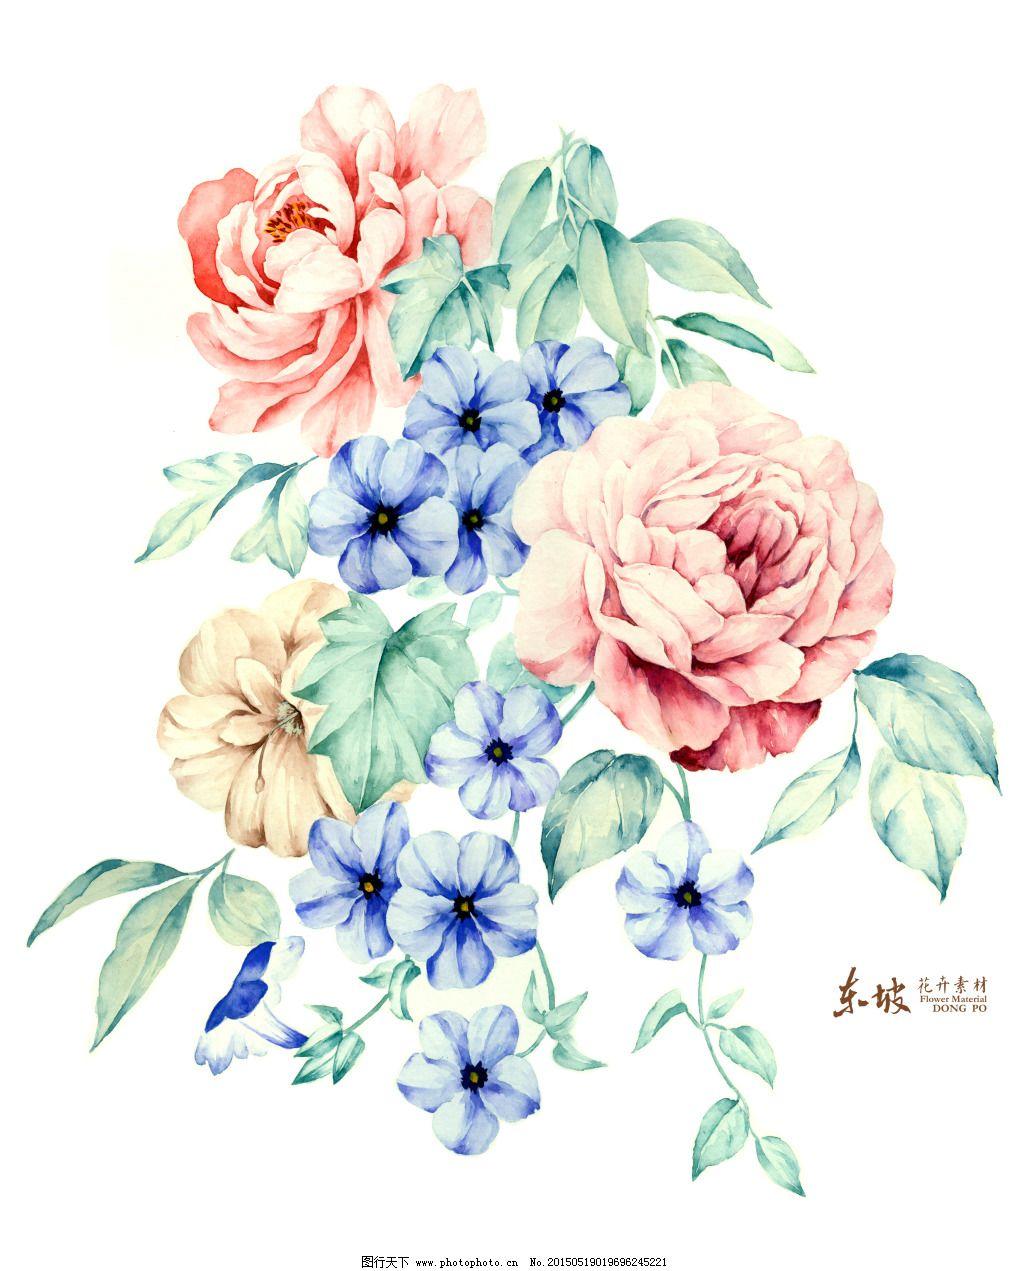 优雅手绘花卉免费下载 红蓝 手绘画 叶子 装饰花 手绘画 红蓝 创意